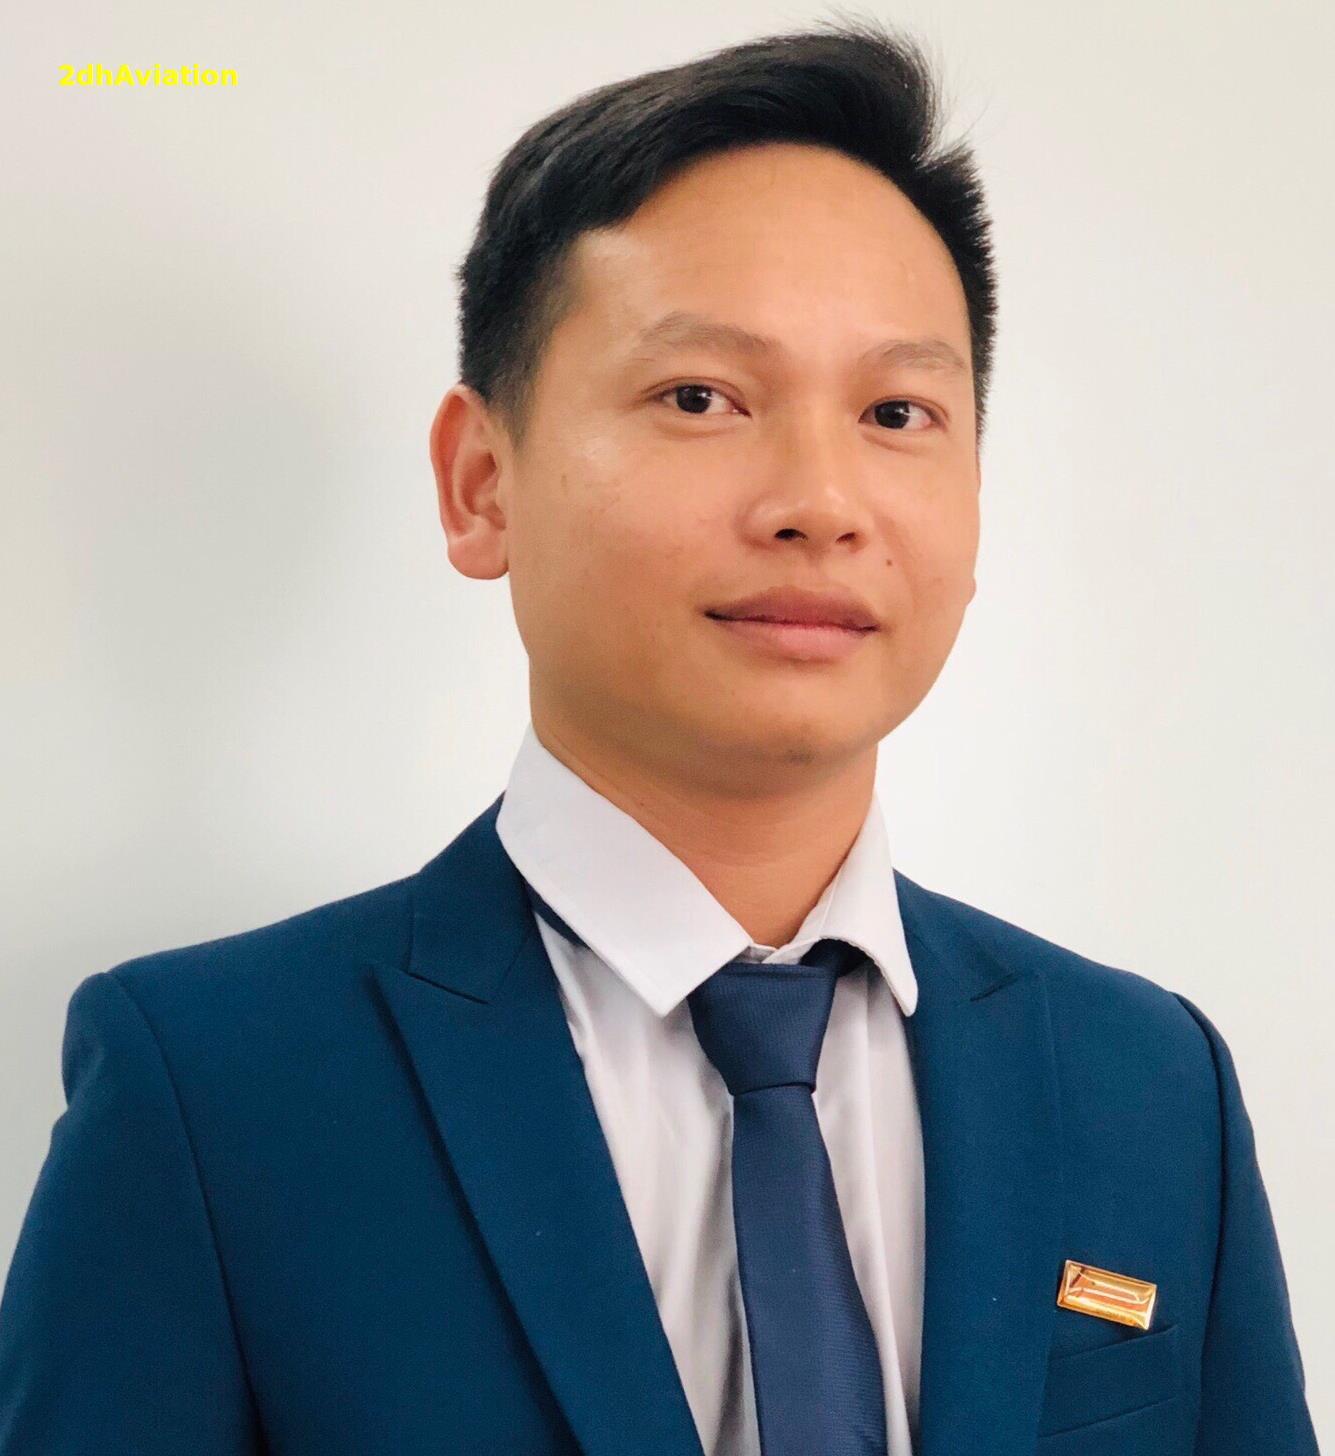 Giới thiệu đôi nét về Anh Trần Minh Chính Chuyên viên BĐS cao cấp của 2dhReal G | Người 2dh